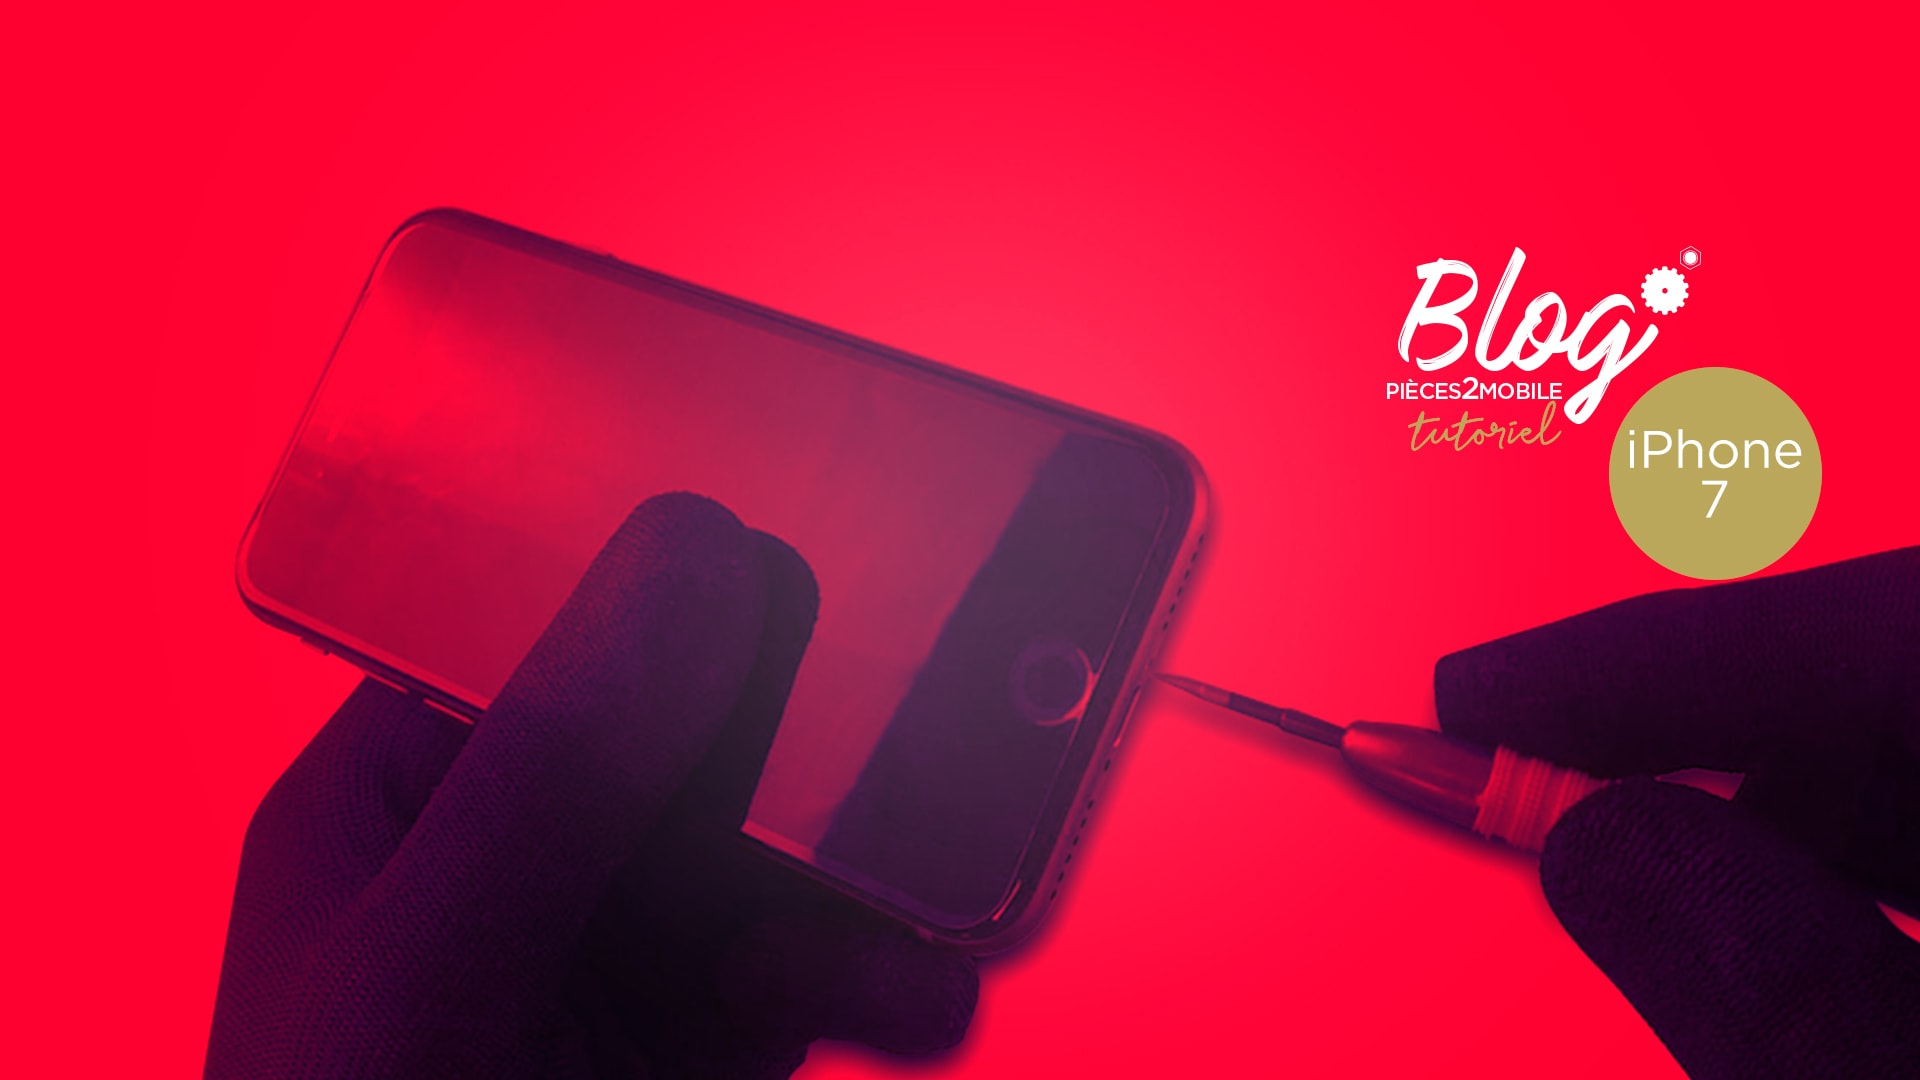 changer l'écran de l'iphone 7